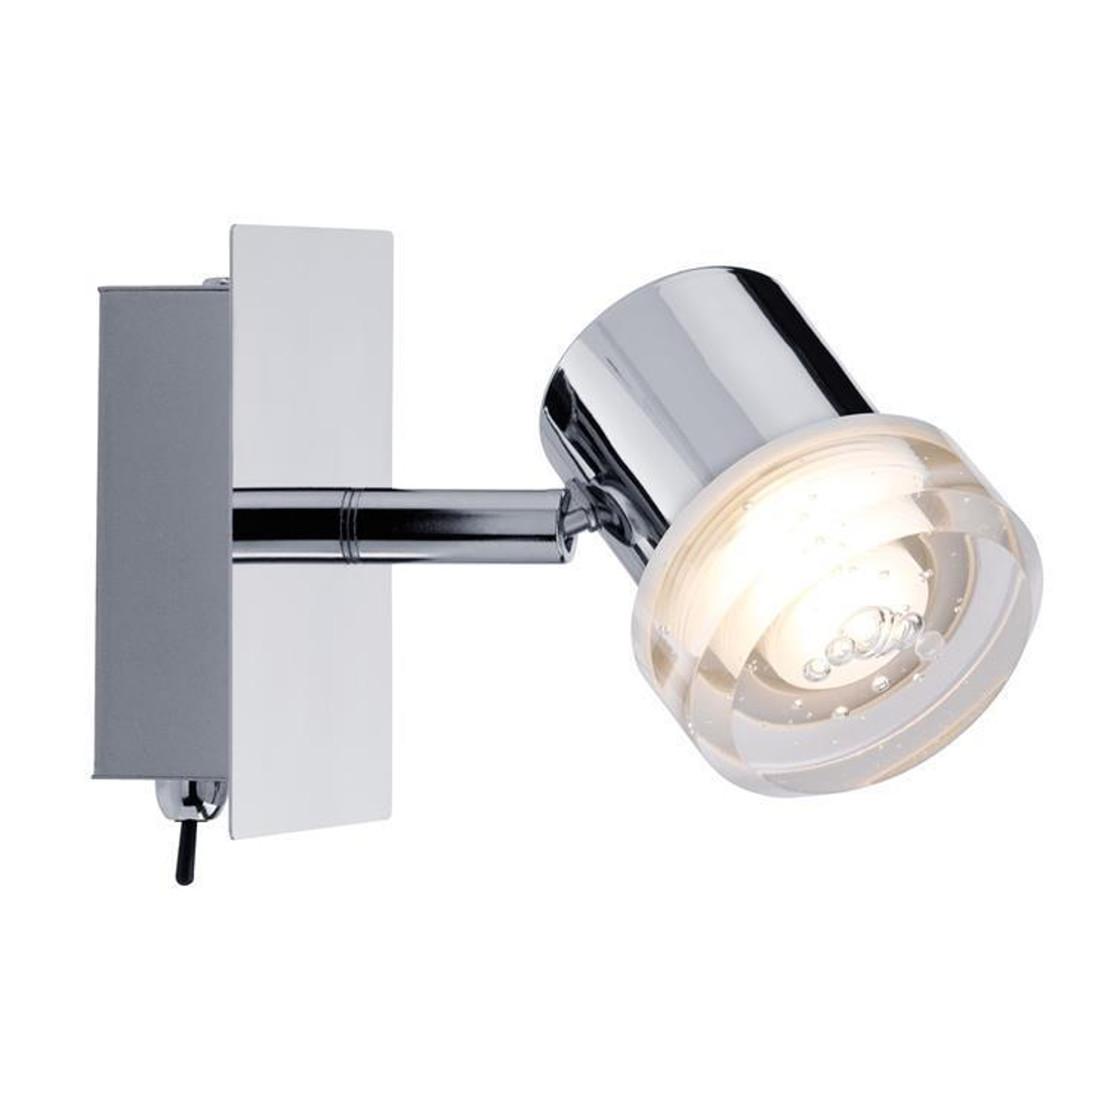 paulmann pearl strahler led 3 w chrom iinkl leuchtmittel 19. Black Bedroom Furniture Sets. Home Design Ideas